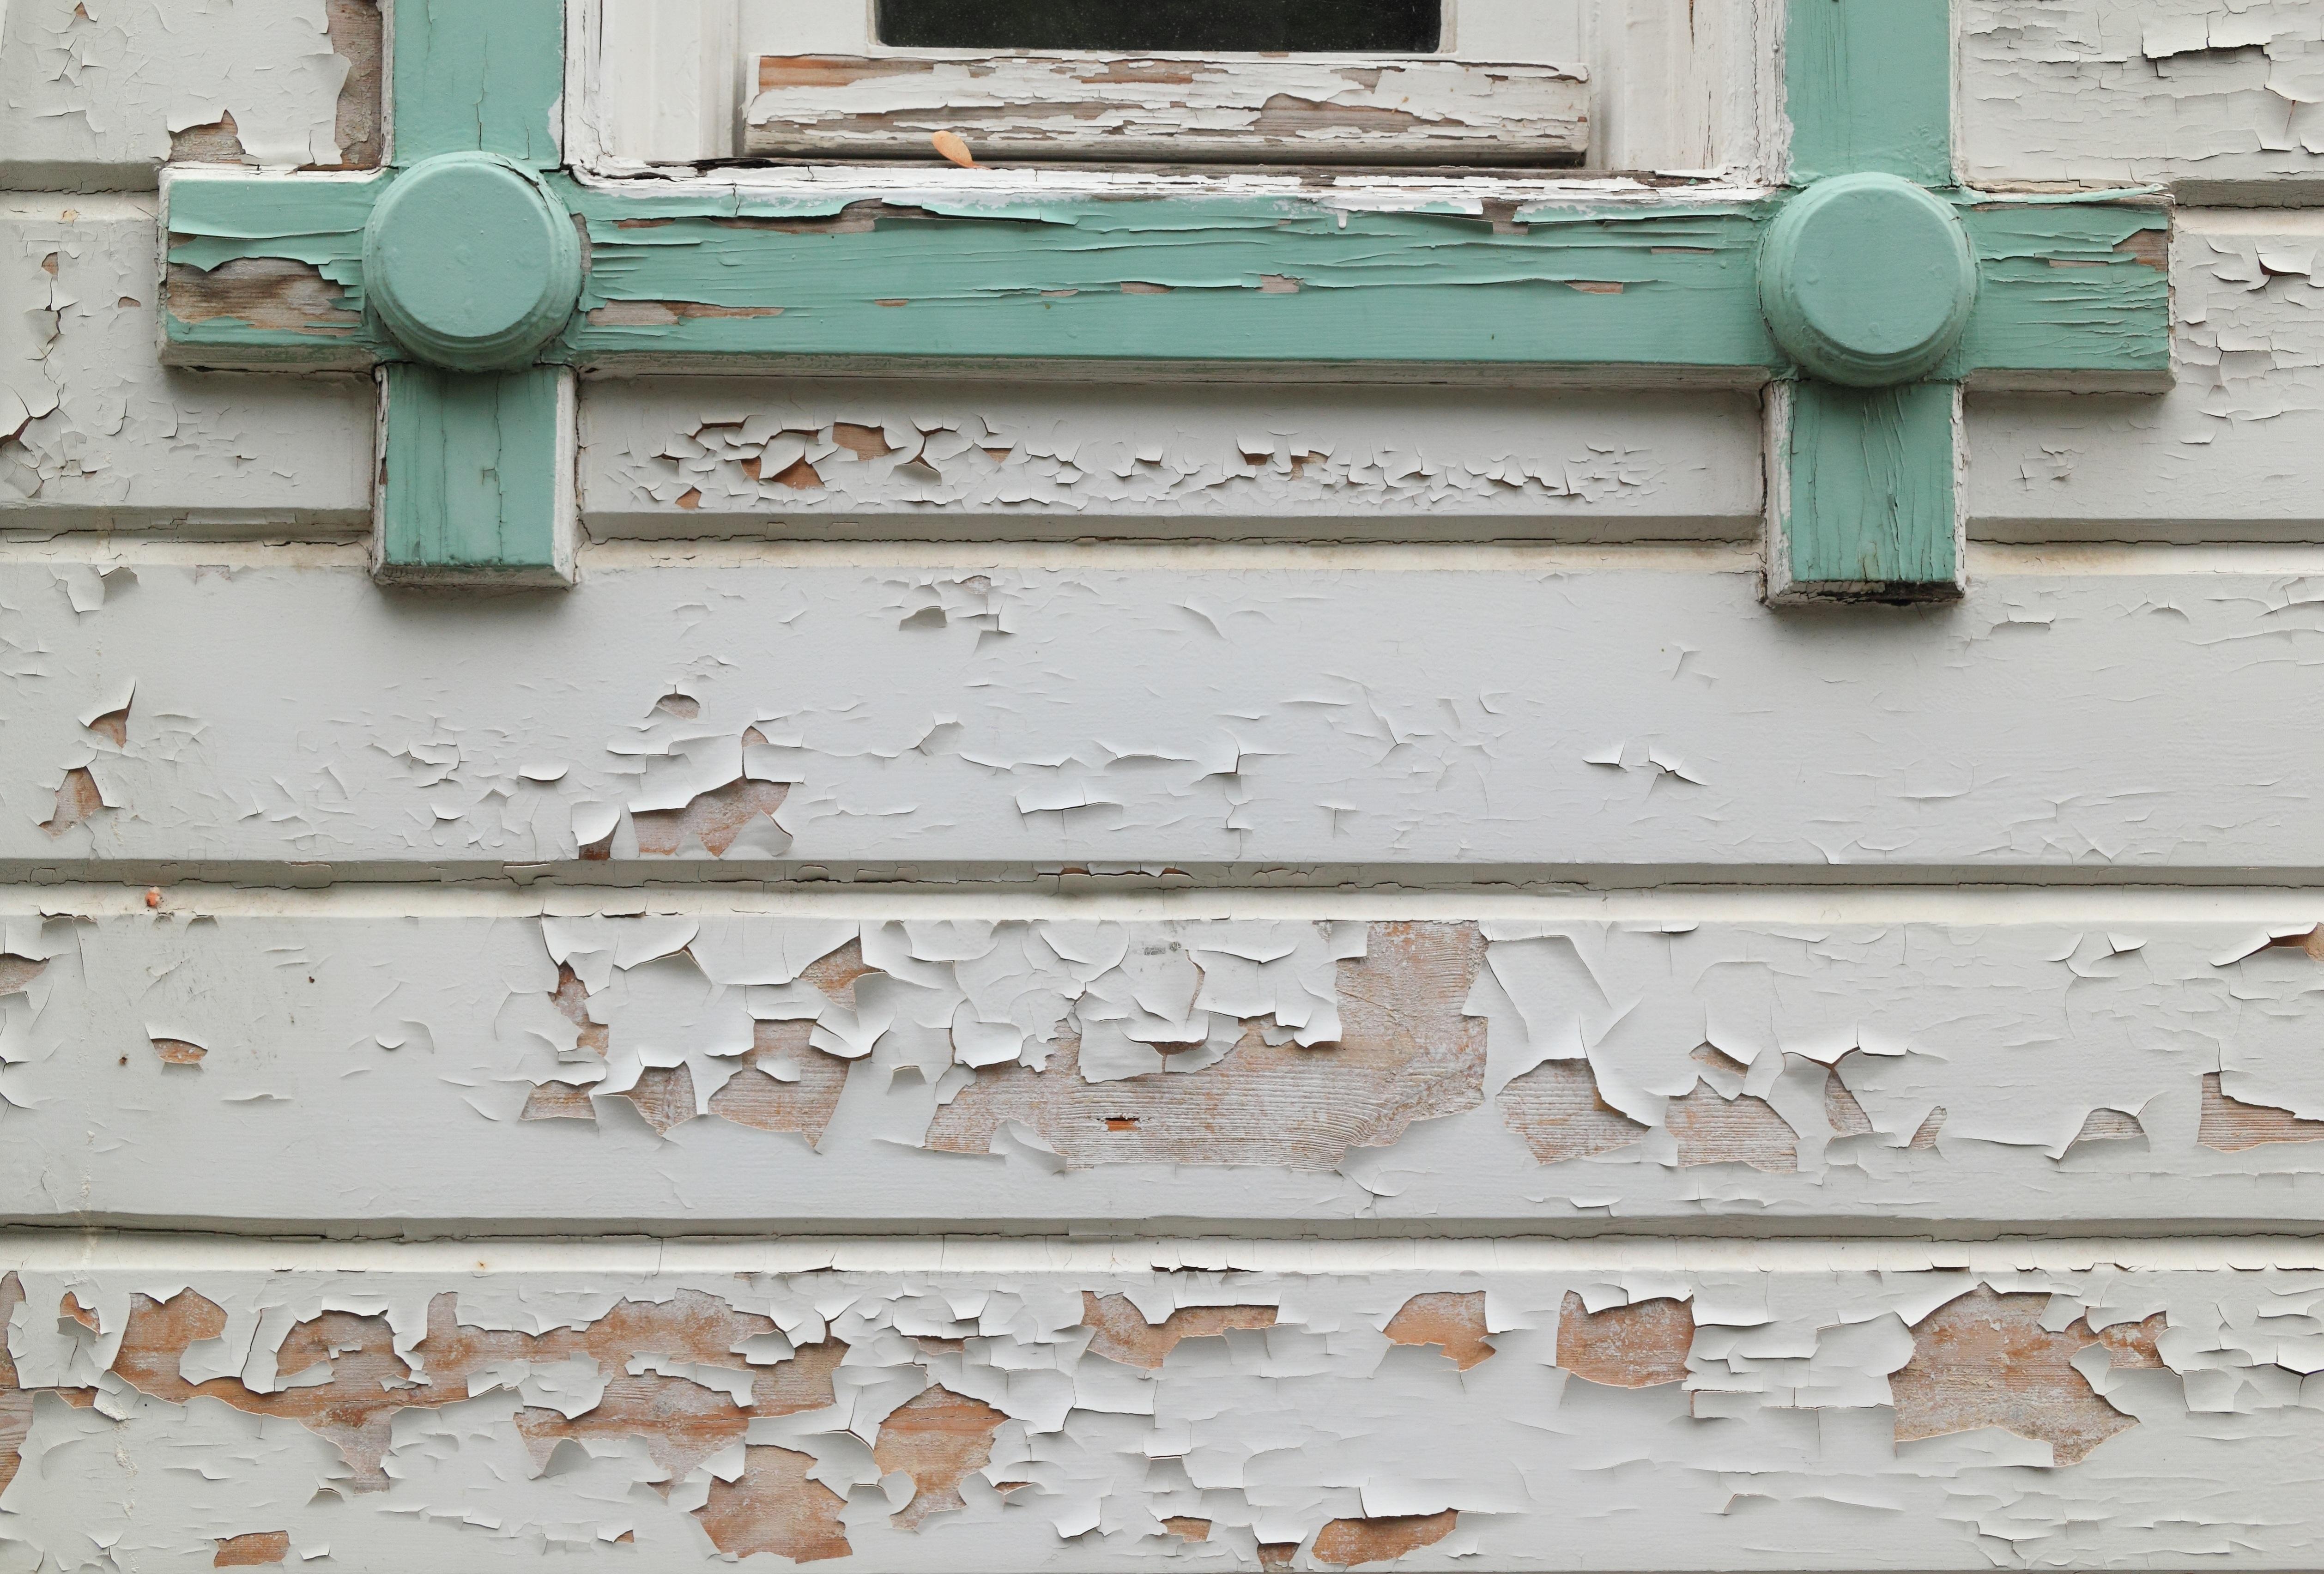 Kostenlose foto : Holz, Fenster, Nummer, Mauer, Rahmen, Farbe, Kunst ...